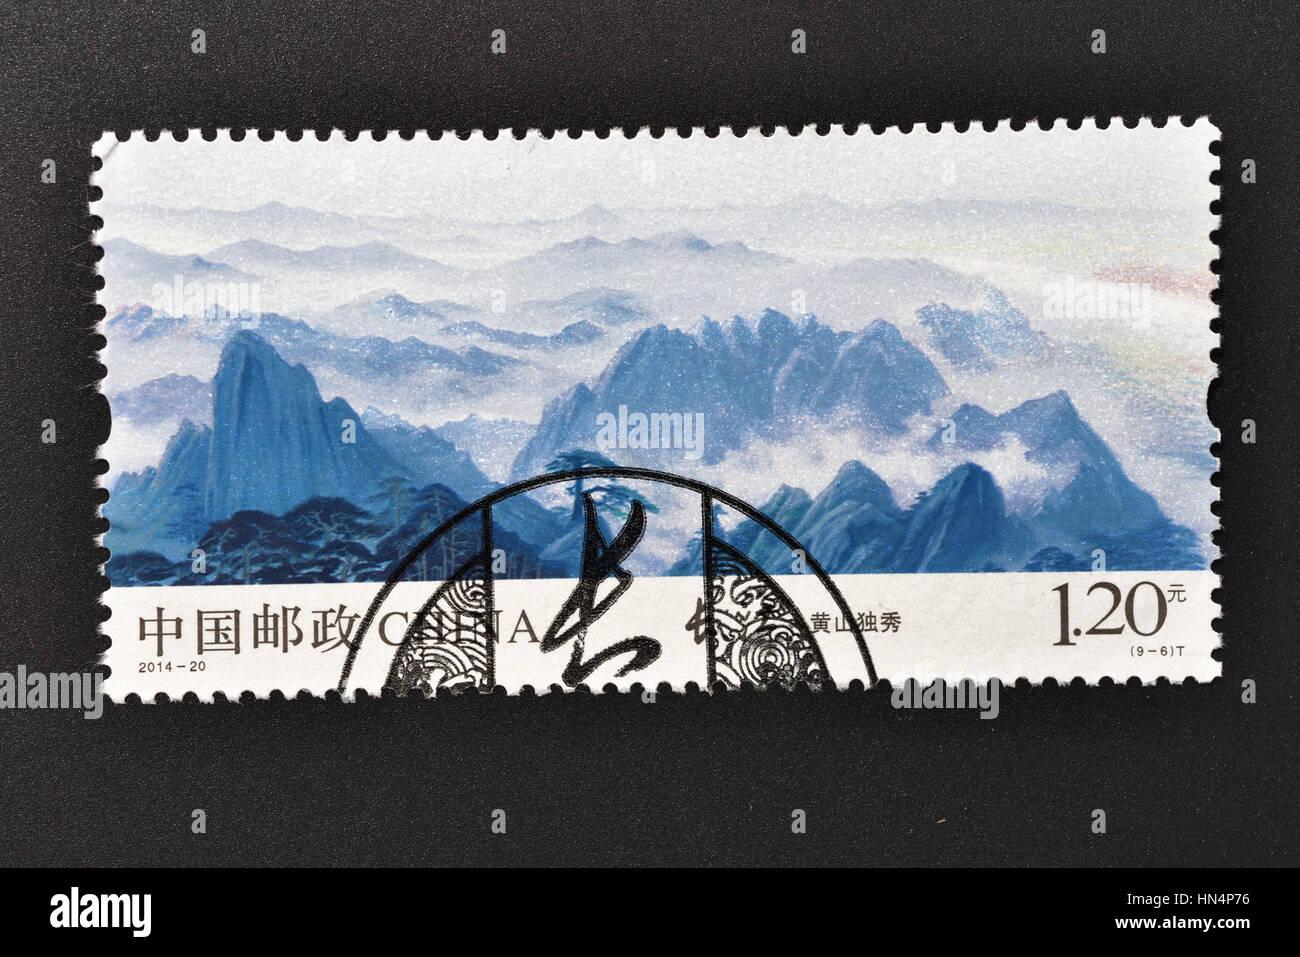 CHINA - CIRCA 2014: A stamp printed in P.R.China shows 2014-20 Chinese Yangtze River (Yangzijiang Changjiang),circa - Stock Image